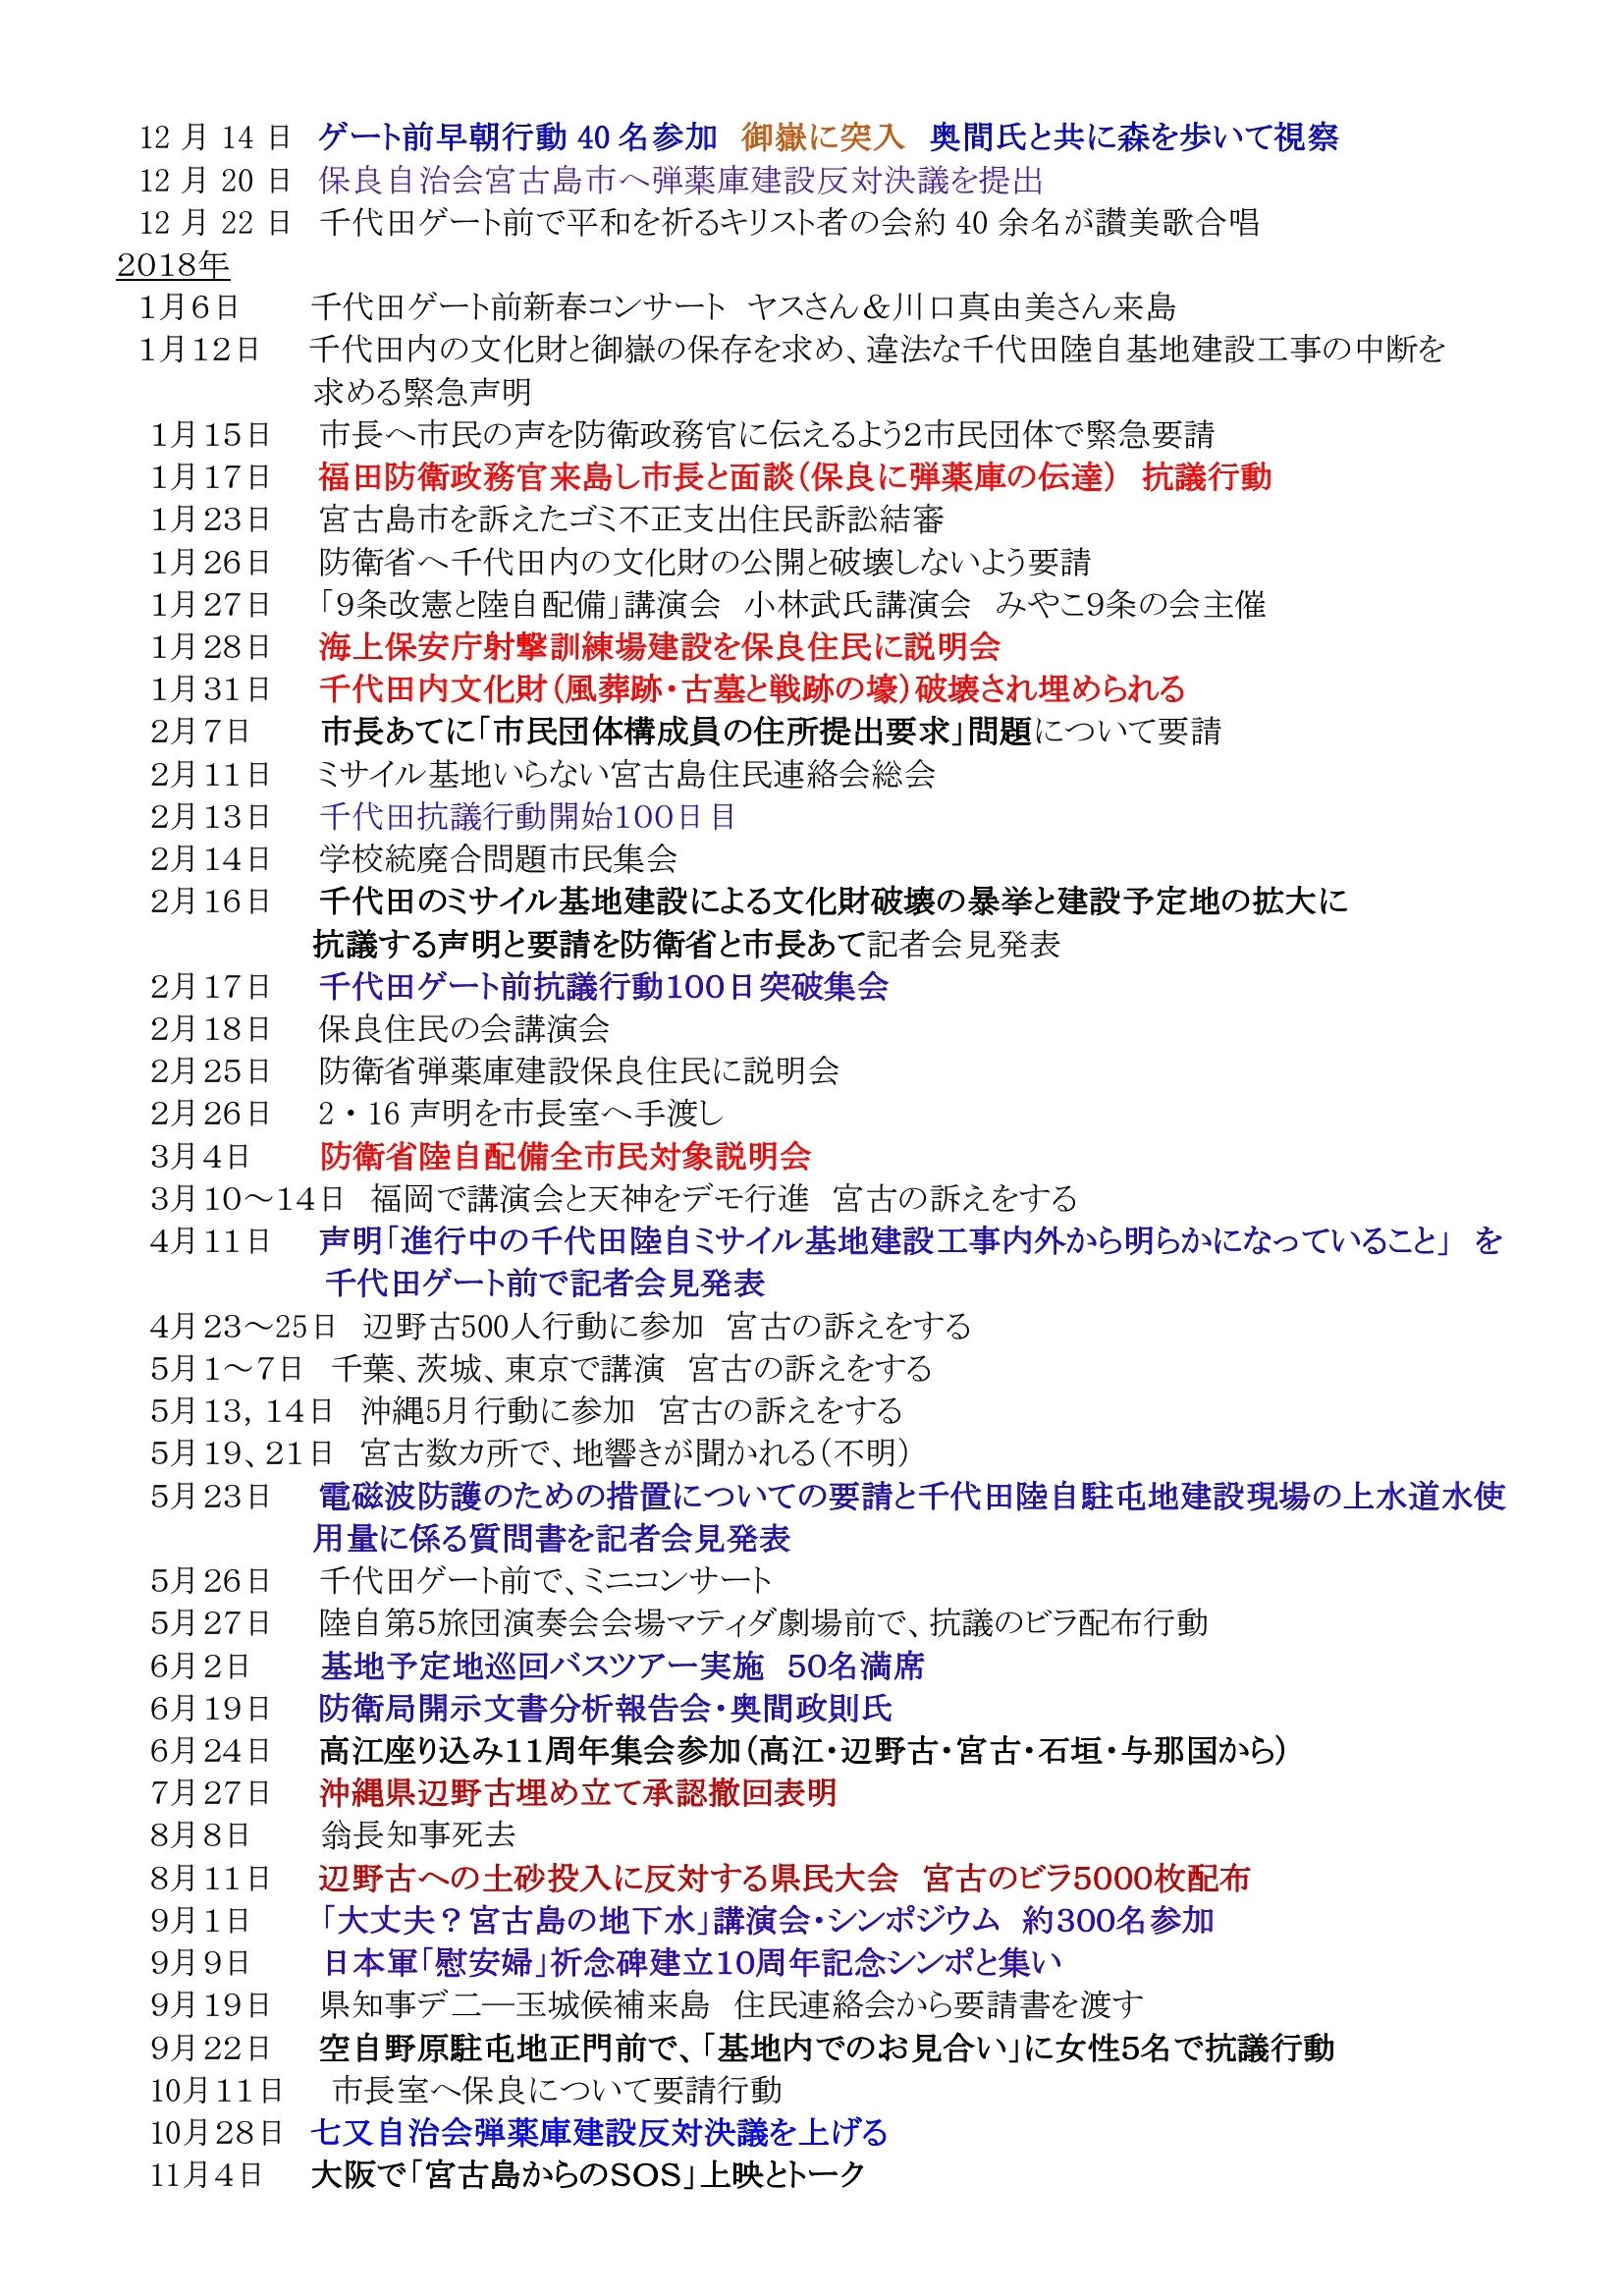 年表:宮古島における反軍反基地の闘い2010~2020 09